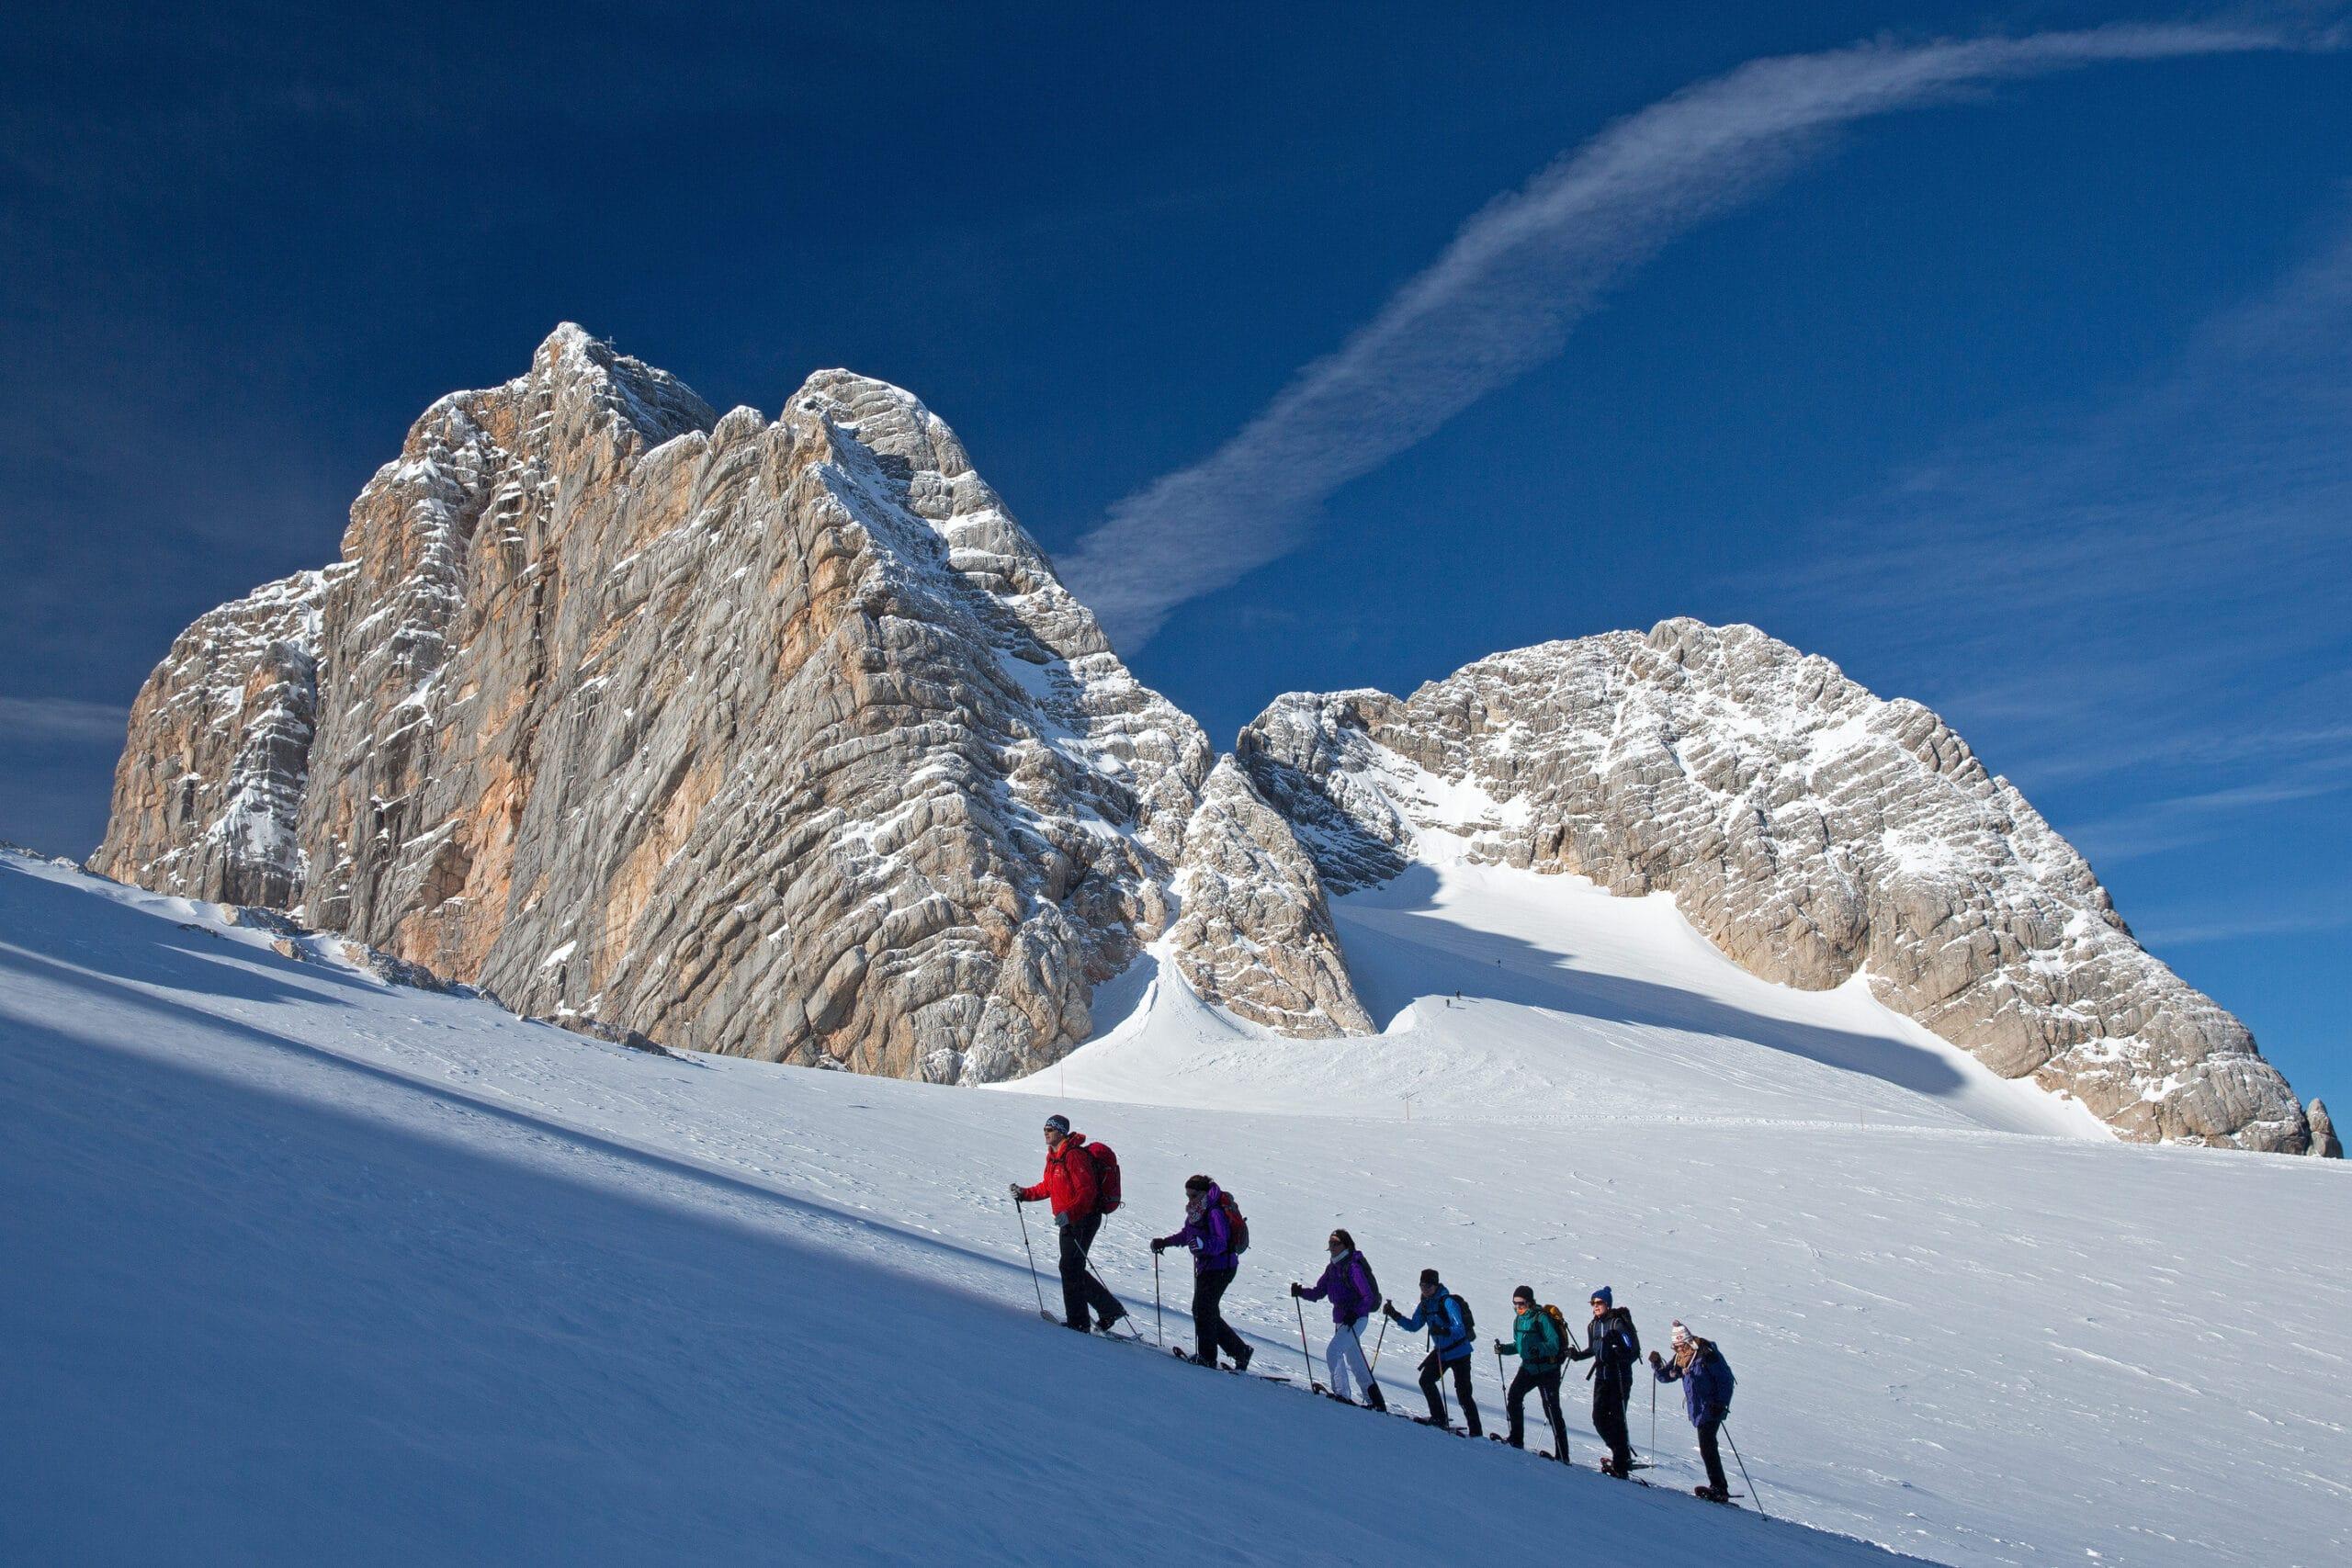 Faszination Dachstein Gletscher, Bergschlößl Ramsau am Dachstein